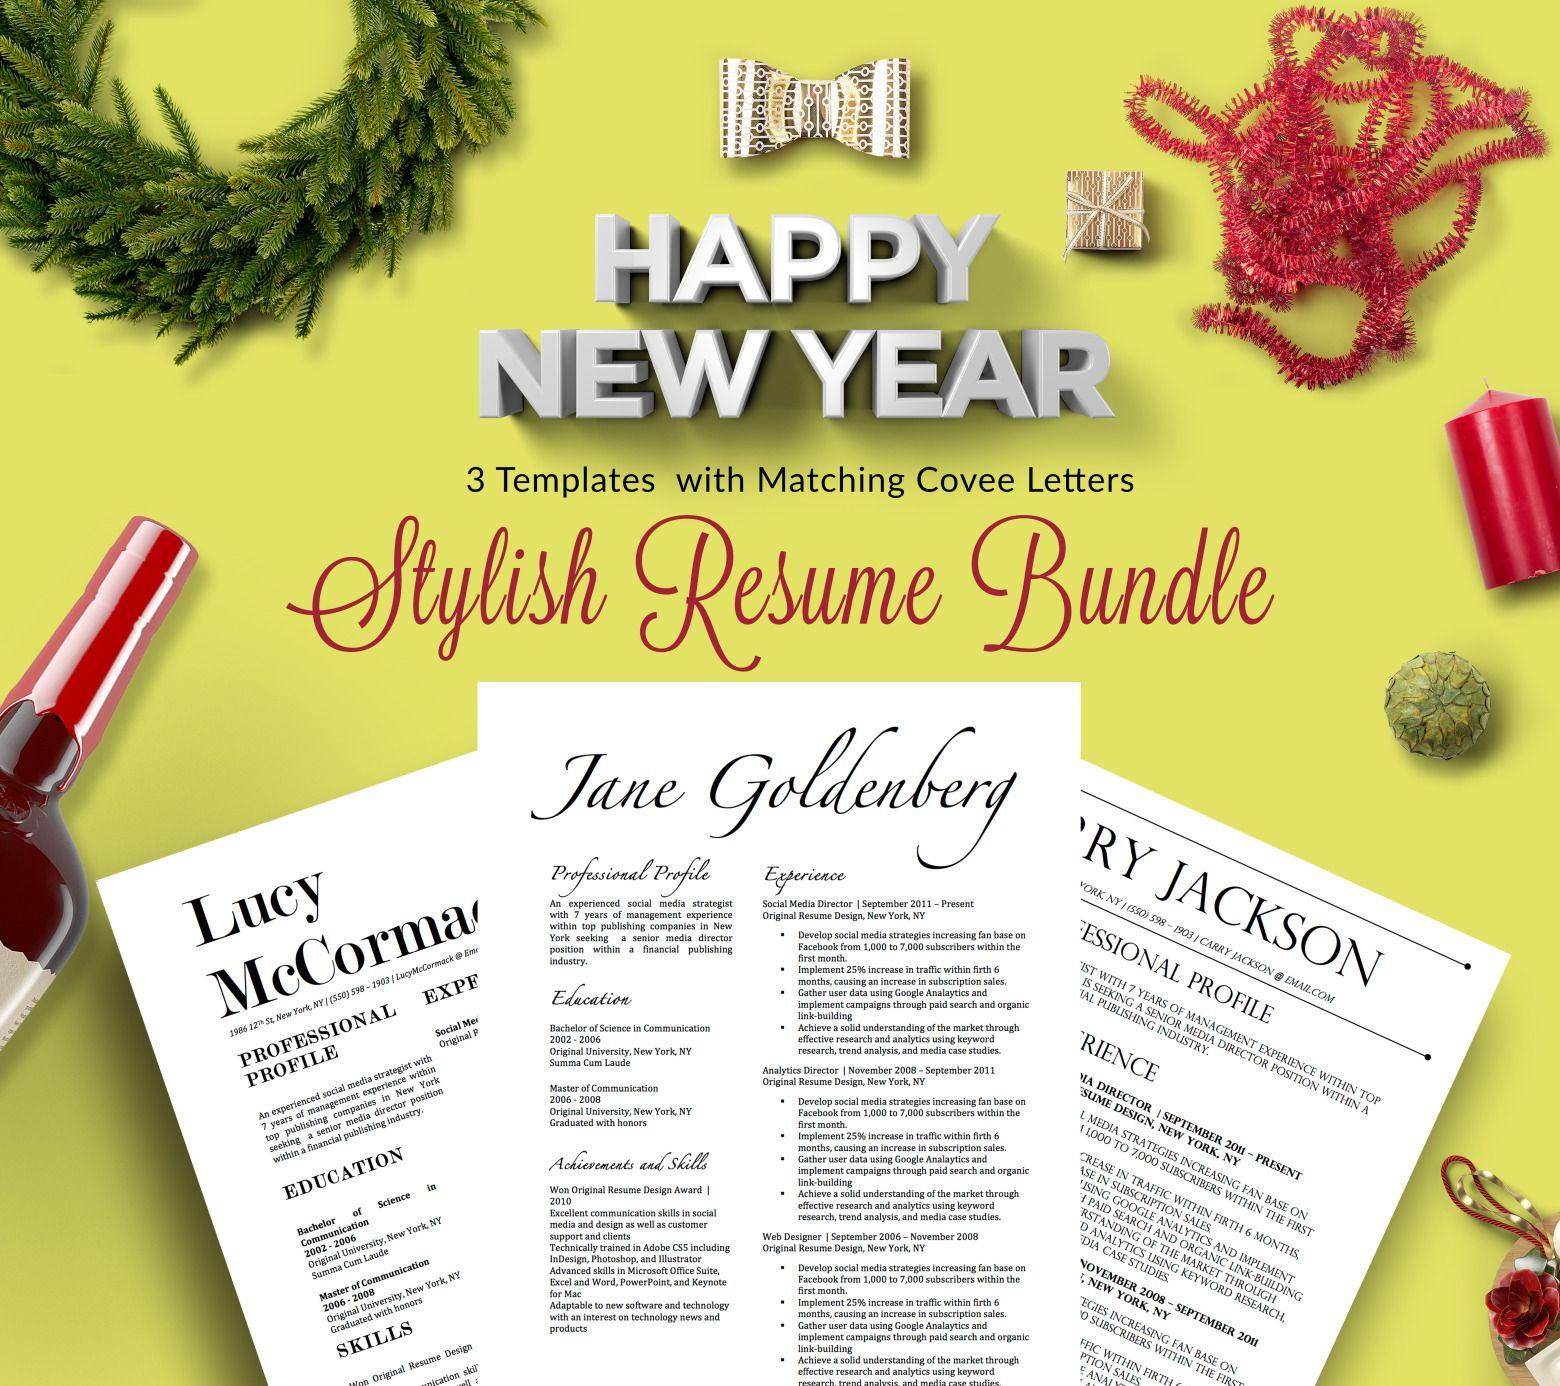 Stylish Resume Bundle Original Resume Design Resume Design Beautiful Resume Design Resume Design Professional